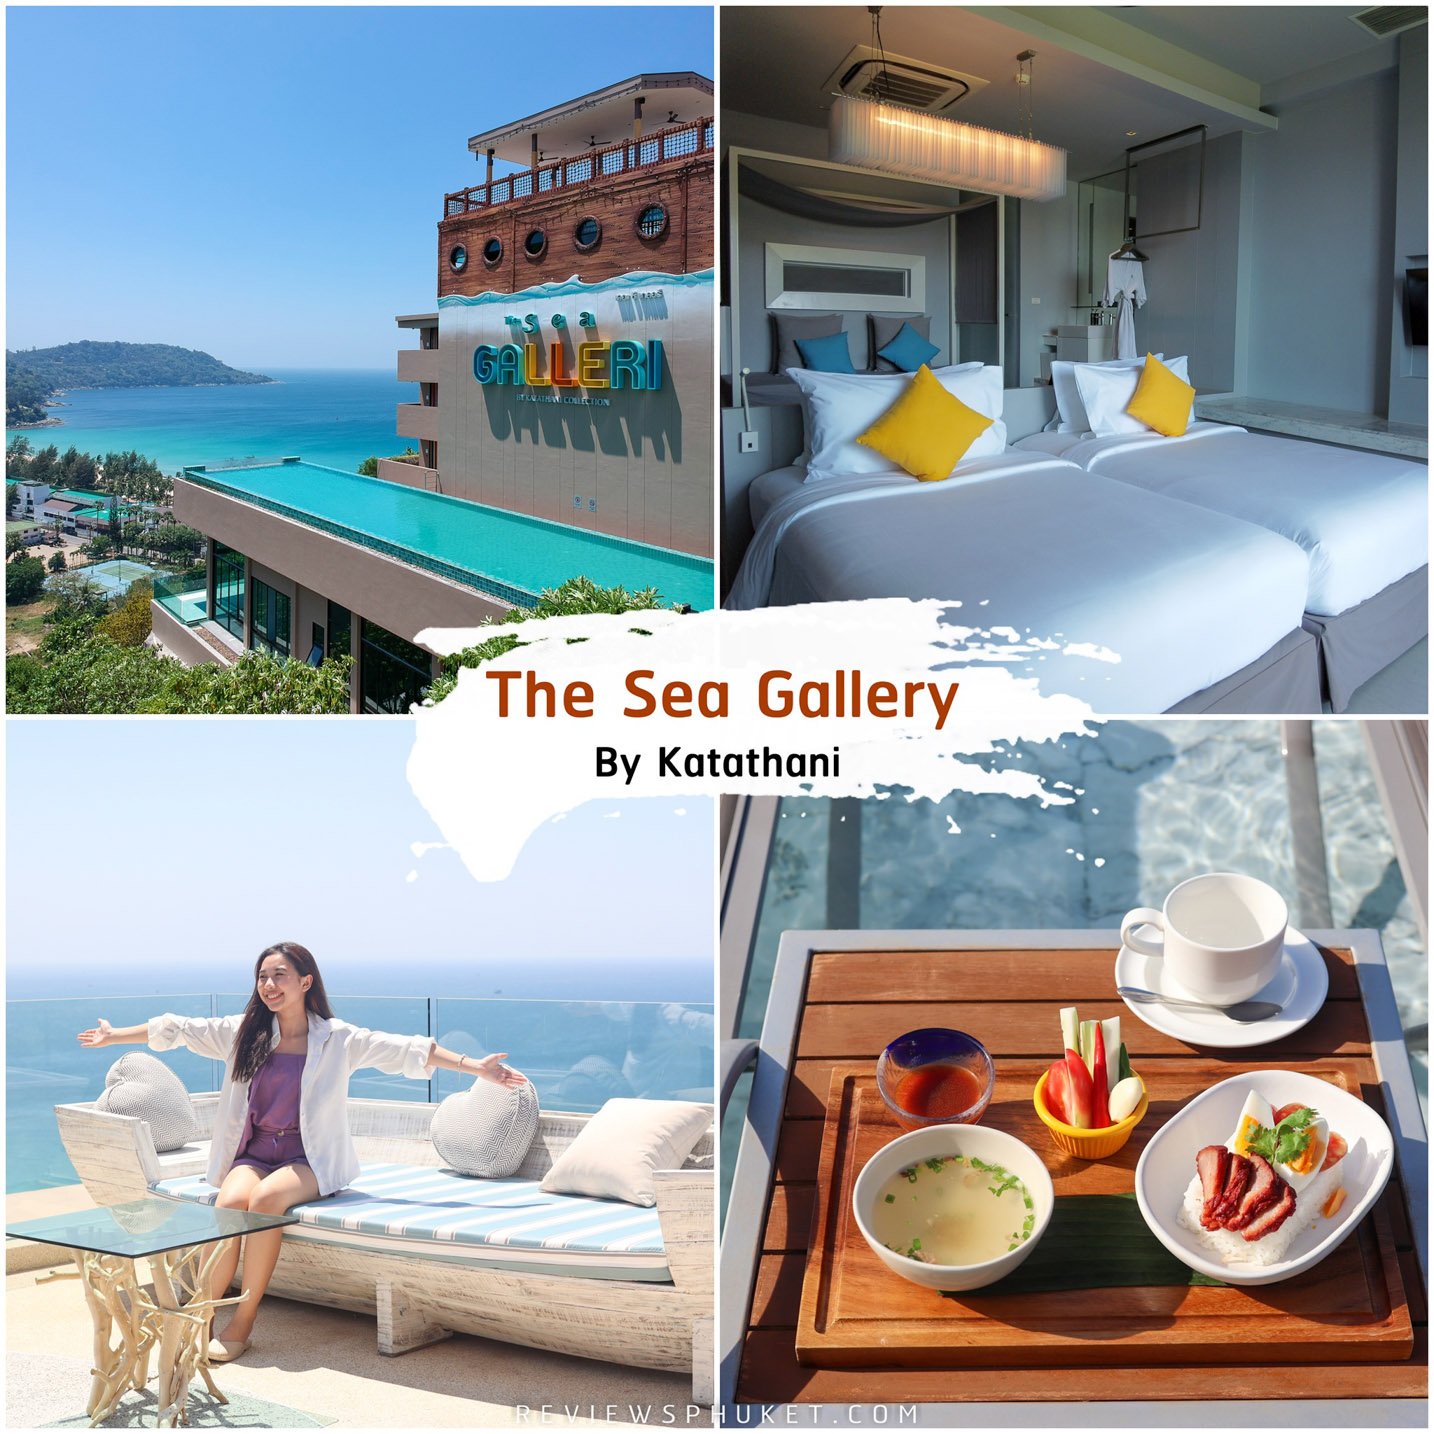 The-Sea-Galleri ที่พักภูเก็ต-แบบเด็ดสุดๆ-อันดับ-1-ในดวงใจกันเลยครับ-ที่นี่ชื่อว่า-The-Sea-Galleri-เป็นโรงแรมในเครือกะตะธานี-ที่มีโรงแรมอยู่ด้านล่างหาดชื่อว่า-Katathani-Phuket-Beach-Resort-และ-The-Shore-at-Katathani-อะกลับมาที่โรงแรมเดอะซี-แกลเลอรี่กัน-ที่นี่บอกเลยจุดเด่นคือการดีไซน์-เป็นการออกแบบสไตล์รุ่นใหม่-โมเดิร์น-Art-ใช้ตัวหลักตัวเด่นของเรือเป็นส่วนที่ดำเนินเรื่องราว-แอดเรียกได้ว่าเป็นดินแดนสุดแสนโรแมนติกเลยล่ะ-ตั้งแต่เข้ามาในห้องพักคือแบบ-Modern-สุดๆทั้งเตียง-ทั้งโคมไฟ-ห้องน้ำ-ถูกจัดเรียงมาอย่างดี-แถมยังมีอ่างอาบน้ำจากุชชี่ใหญ่ๆ-ให้นอนแช่ตีโฟม-ชมทะเลภูเก็ตแบบวิวหลักล้านกันด้วยเลยครับ-อะรีวิวกันต่อในส่วนของโซนร้านอาหาร-มีโซนทางด้านเรือ-และโซนทางด้านสระว่ายน้ำ-ทั้ง-2-แบบคือฟิลลิ่งแตกต่างกัน-แบบหนึ่งคือสไตล์ชิวๆ-ริมสระ-และอีกแบบคือสไตล์ดินเนอร์หรูๆ-บนตัวเรือ-และใกล้ๆตัวเรือ-แบบวิวหลักล้านกันเลยครับ-ในส่วนของเมนูแนะนำ-แอดยังย้ำเมนูเดิม-----ข้าวต้มแห้ง-และ-ข้าวหมูแดง--บอกเลยว่าอร่อยสุดๆ-ไม่แพ้ที่ไหนเลยครับ-รีวิวกันต่อในส่วนของพนักงานน่ารัก-บริการดีประทับใจครับ-บอกเลยว่าดีย์จริงน้าา-คอนเฟิร์มเลย-บอกเลยว่าเป็นหนึ่งใน-ที่พักภูเก็ต-โรงแรมภูเก็ต-ที่เที่ยวภูเก็ต-ในดวงใจเลยครับ-สวยและวิวหลักล้านจริงๆน้าา-สำหรับ-The-Sea-Galleri-by-Katathani ที่พักภูเก็ต,ที่พักหรู,วิวหลักล้าน,ริมทะเล,โรงแรม,รีสอร์ท,Phuket,หาดสวย,น้ำใส